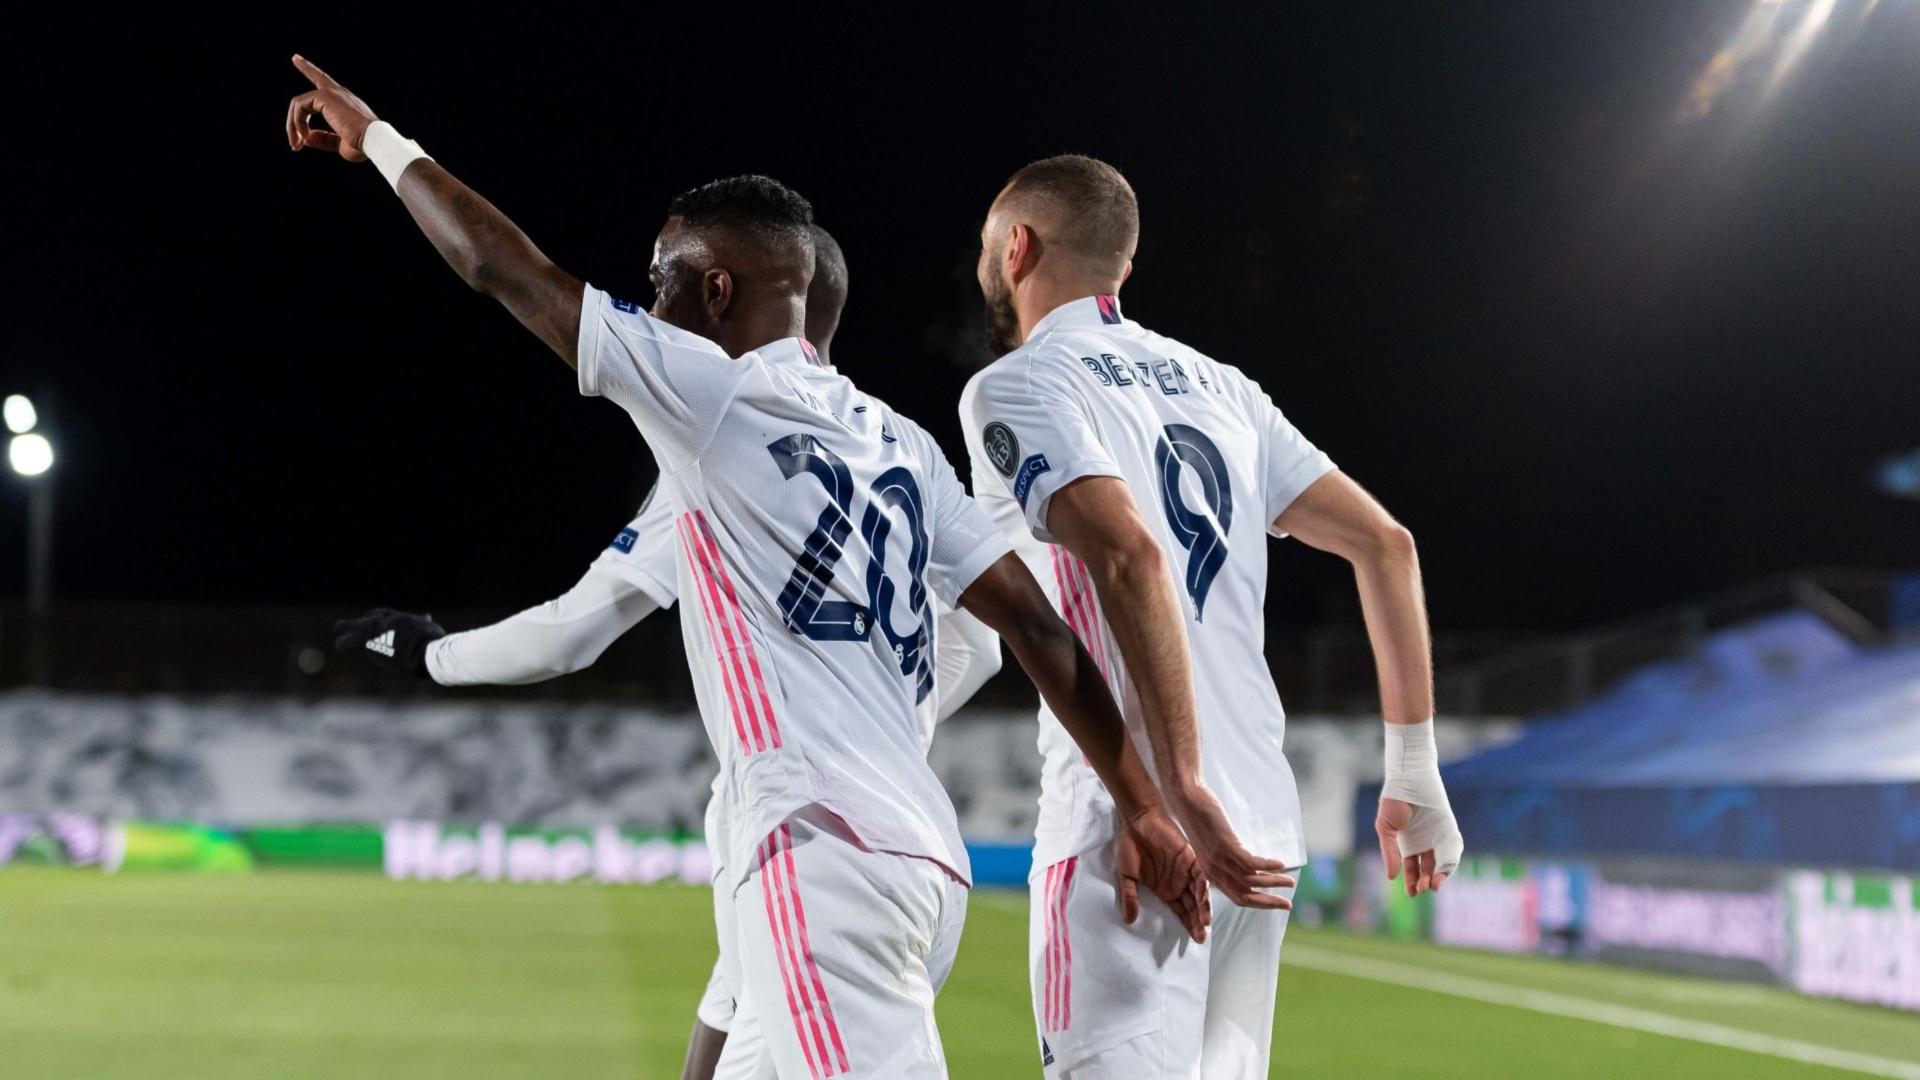 Match Preview: Real Madrid vs Atalanta B.C.